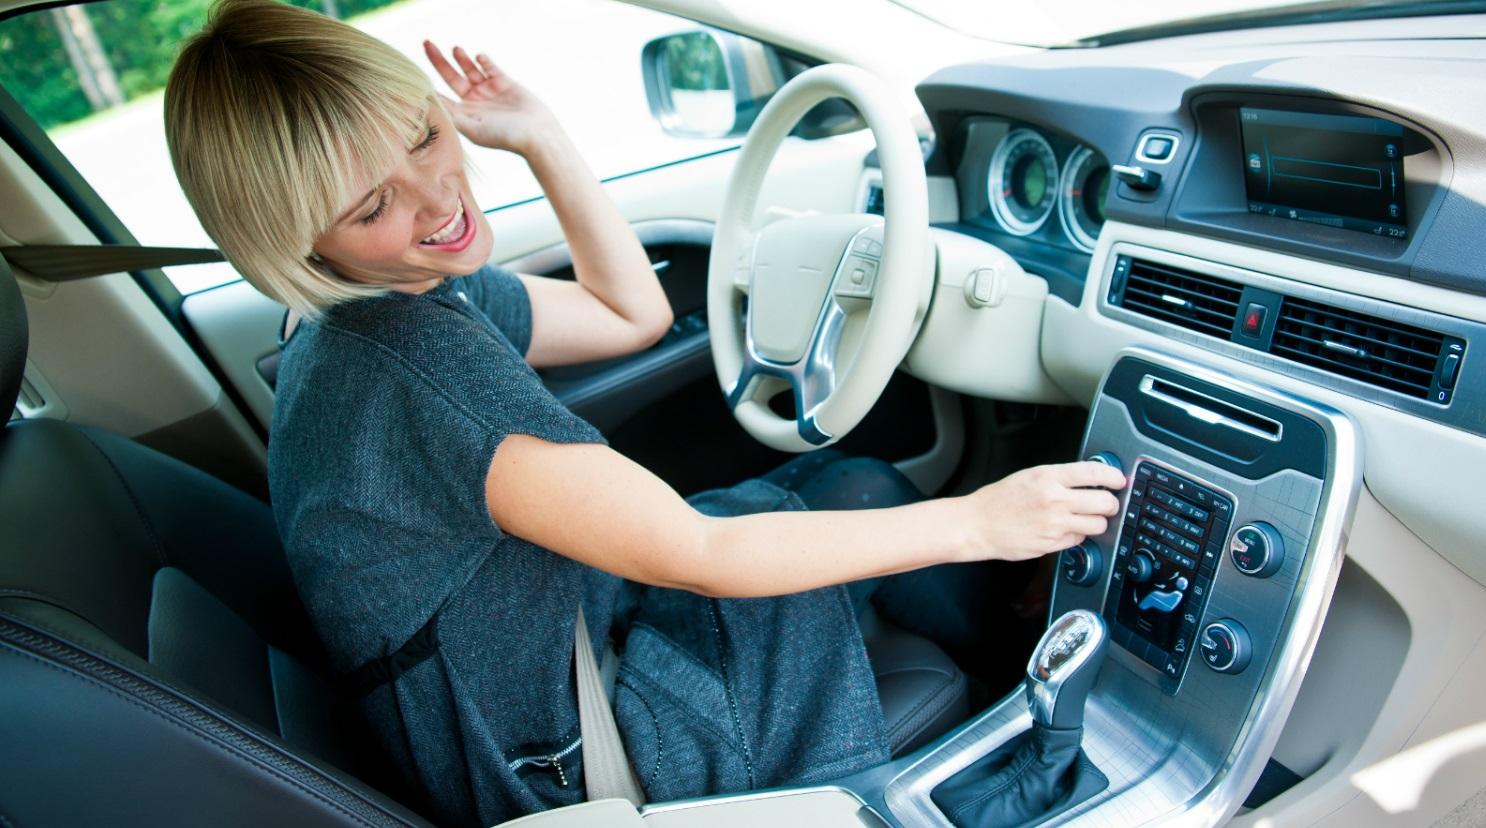 Как улучшить прием радио в автомобиле